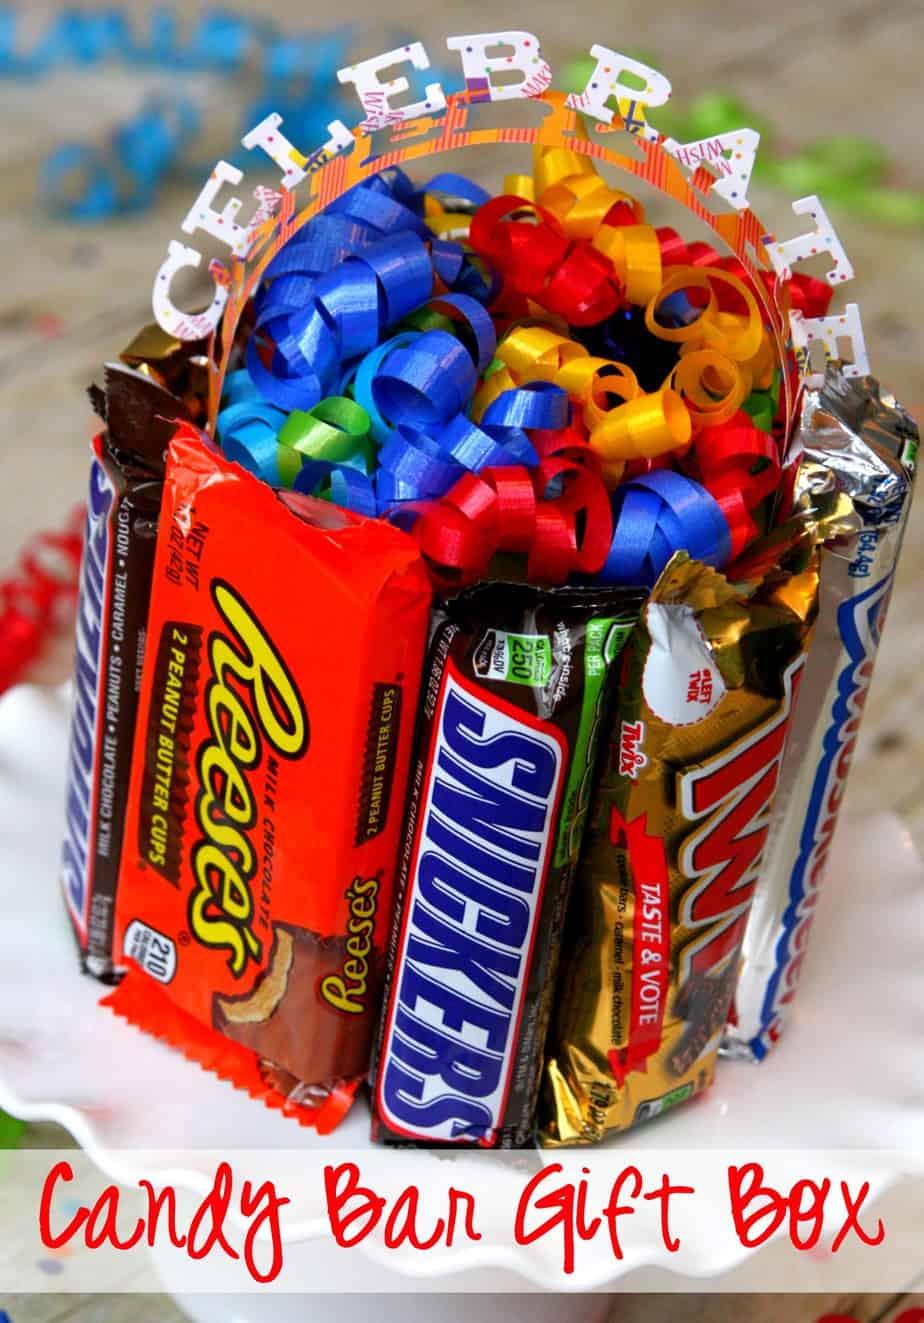 Candy Bar Gift Box